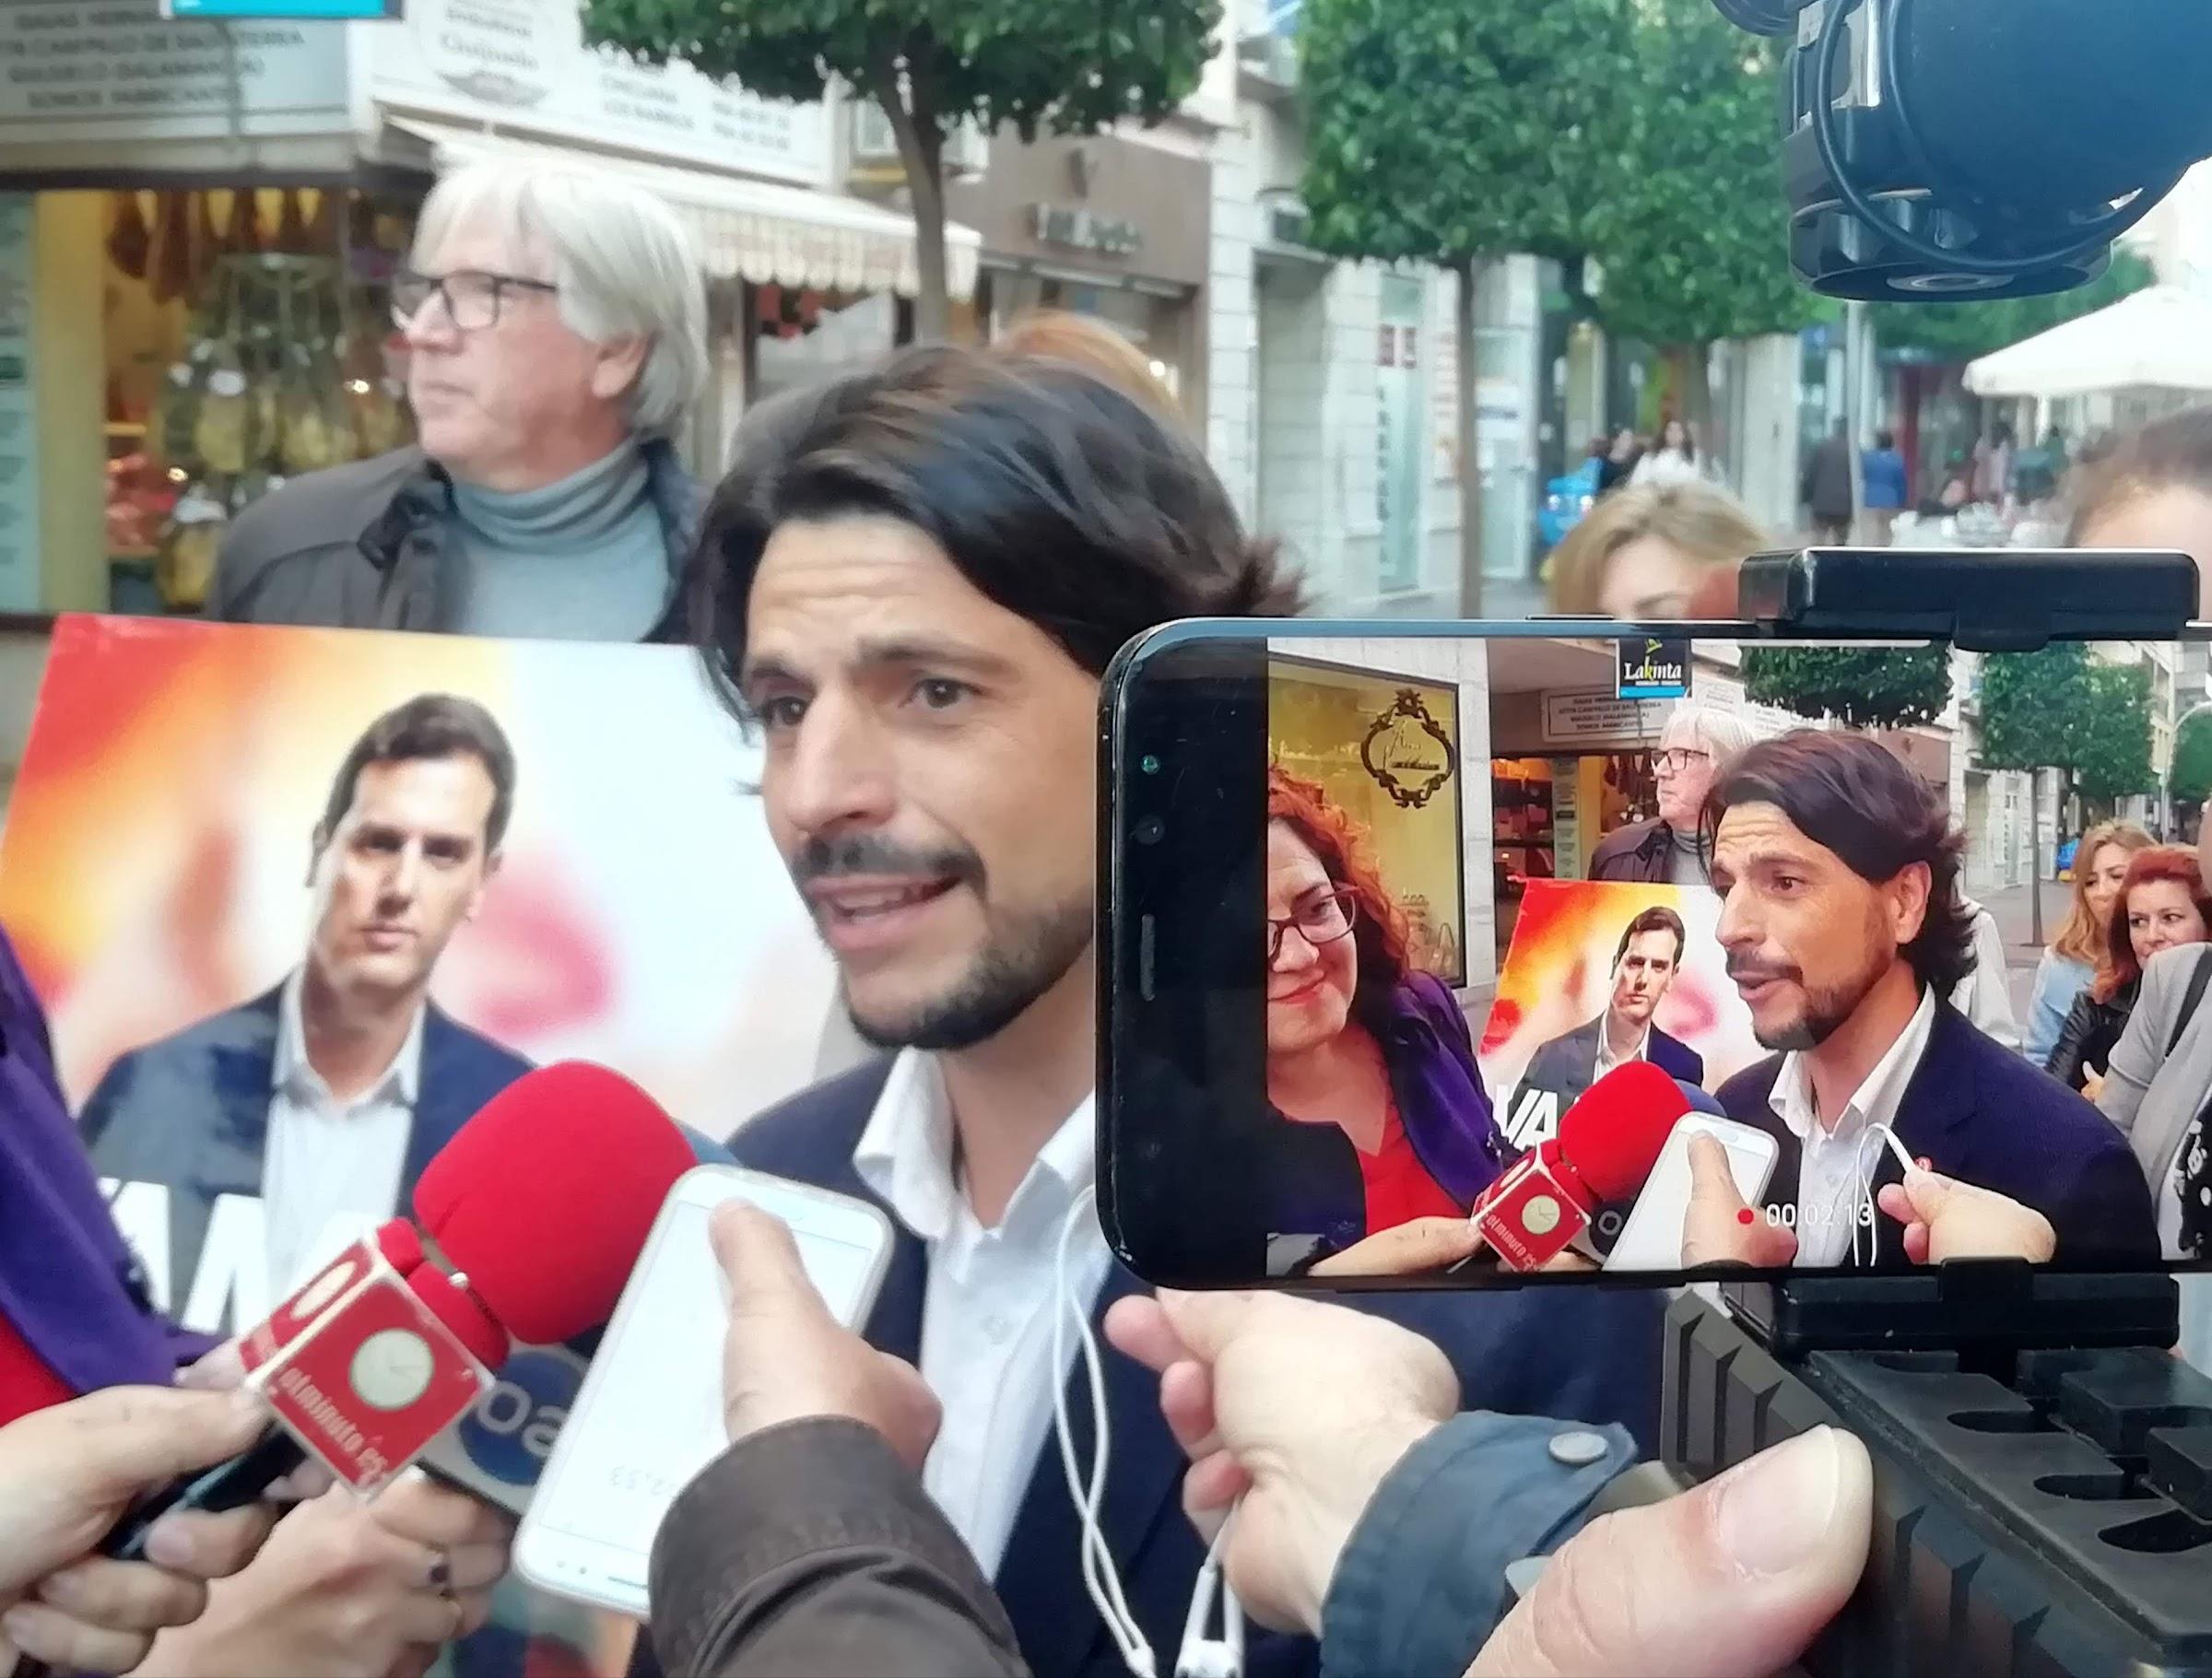 Sergio Pelayo pide el voto para hacer posible el cambio que tanto necesita España.